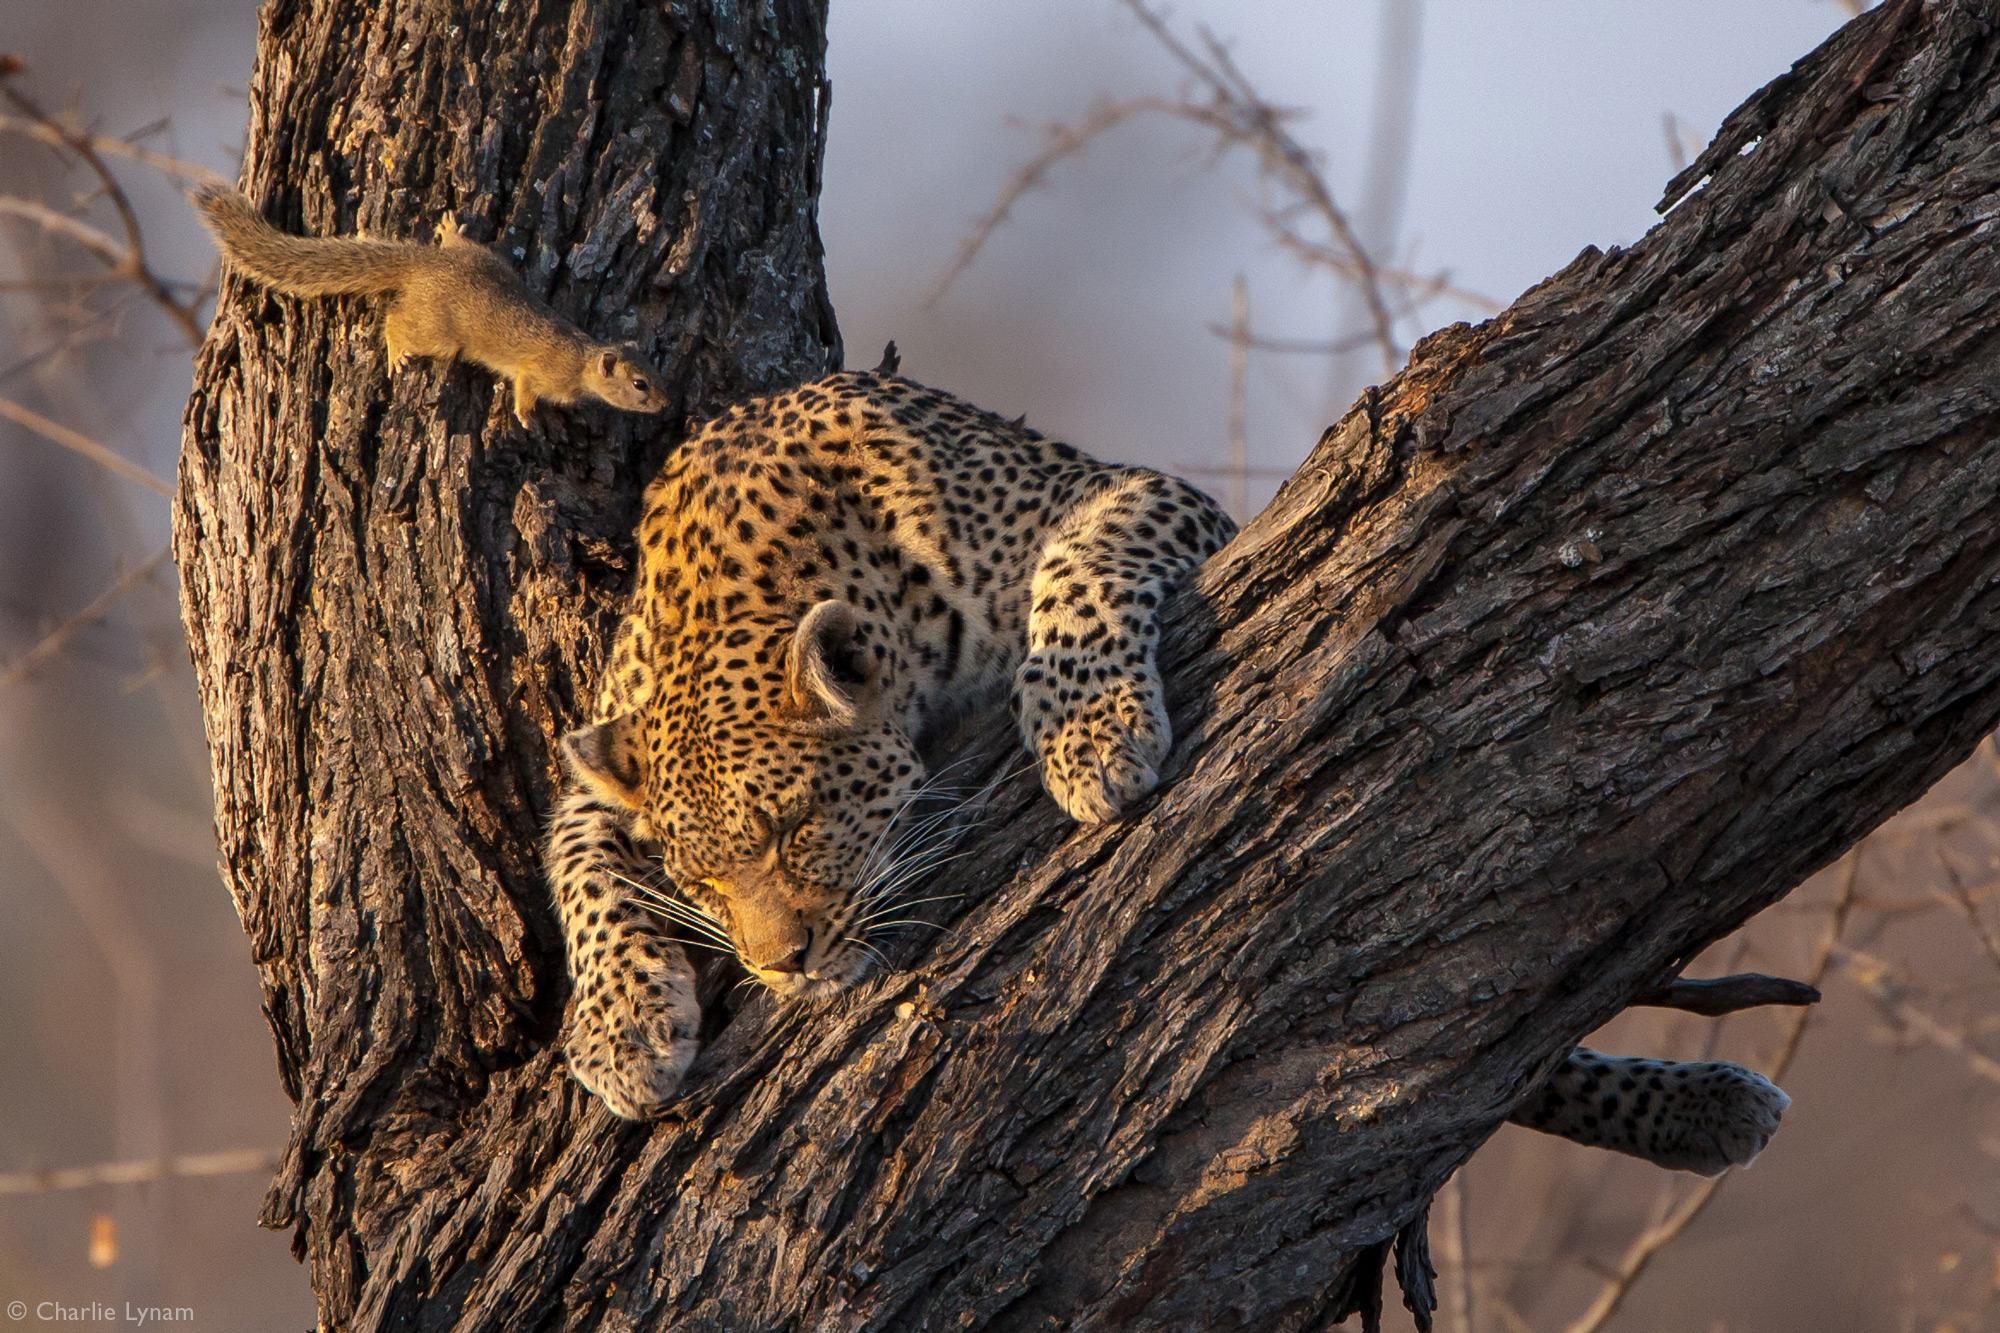 Tree squirrel approaching sleeping leopard in tree